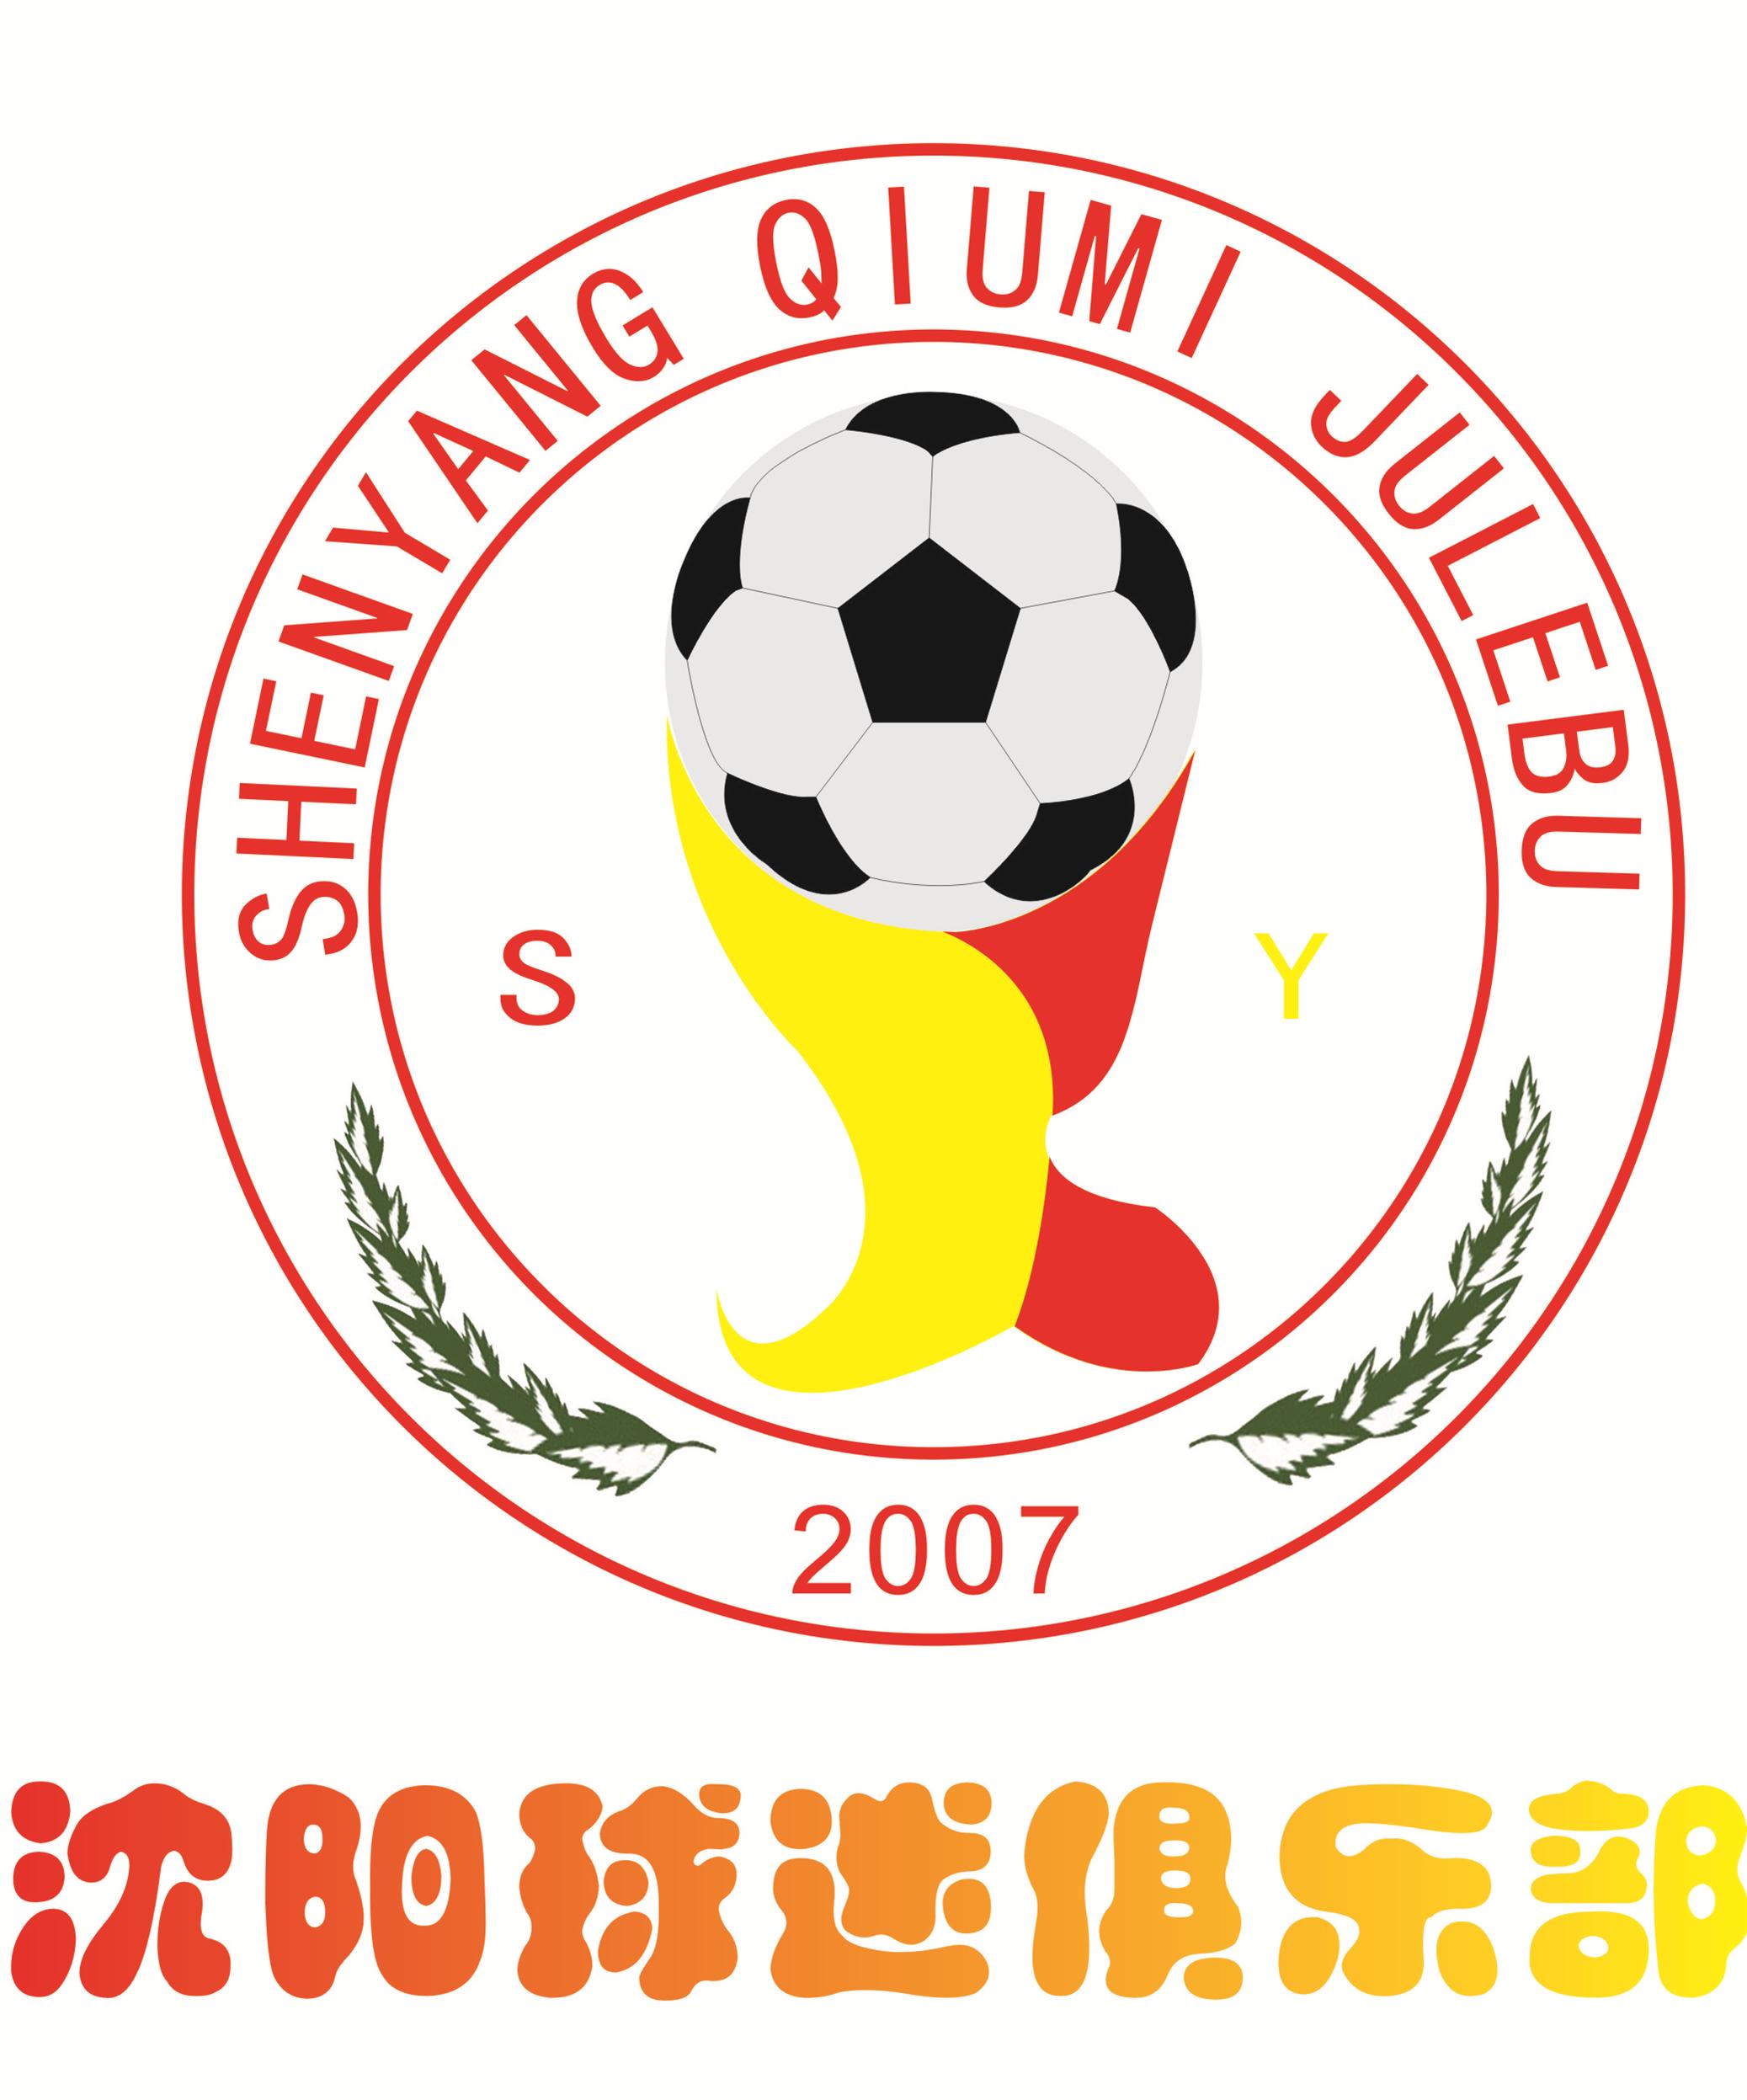 月8日沈阳球迷俱乐部会徽正式更换图片